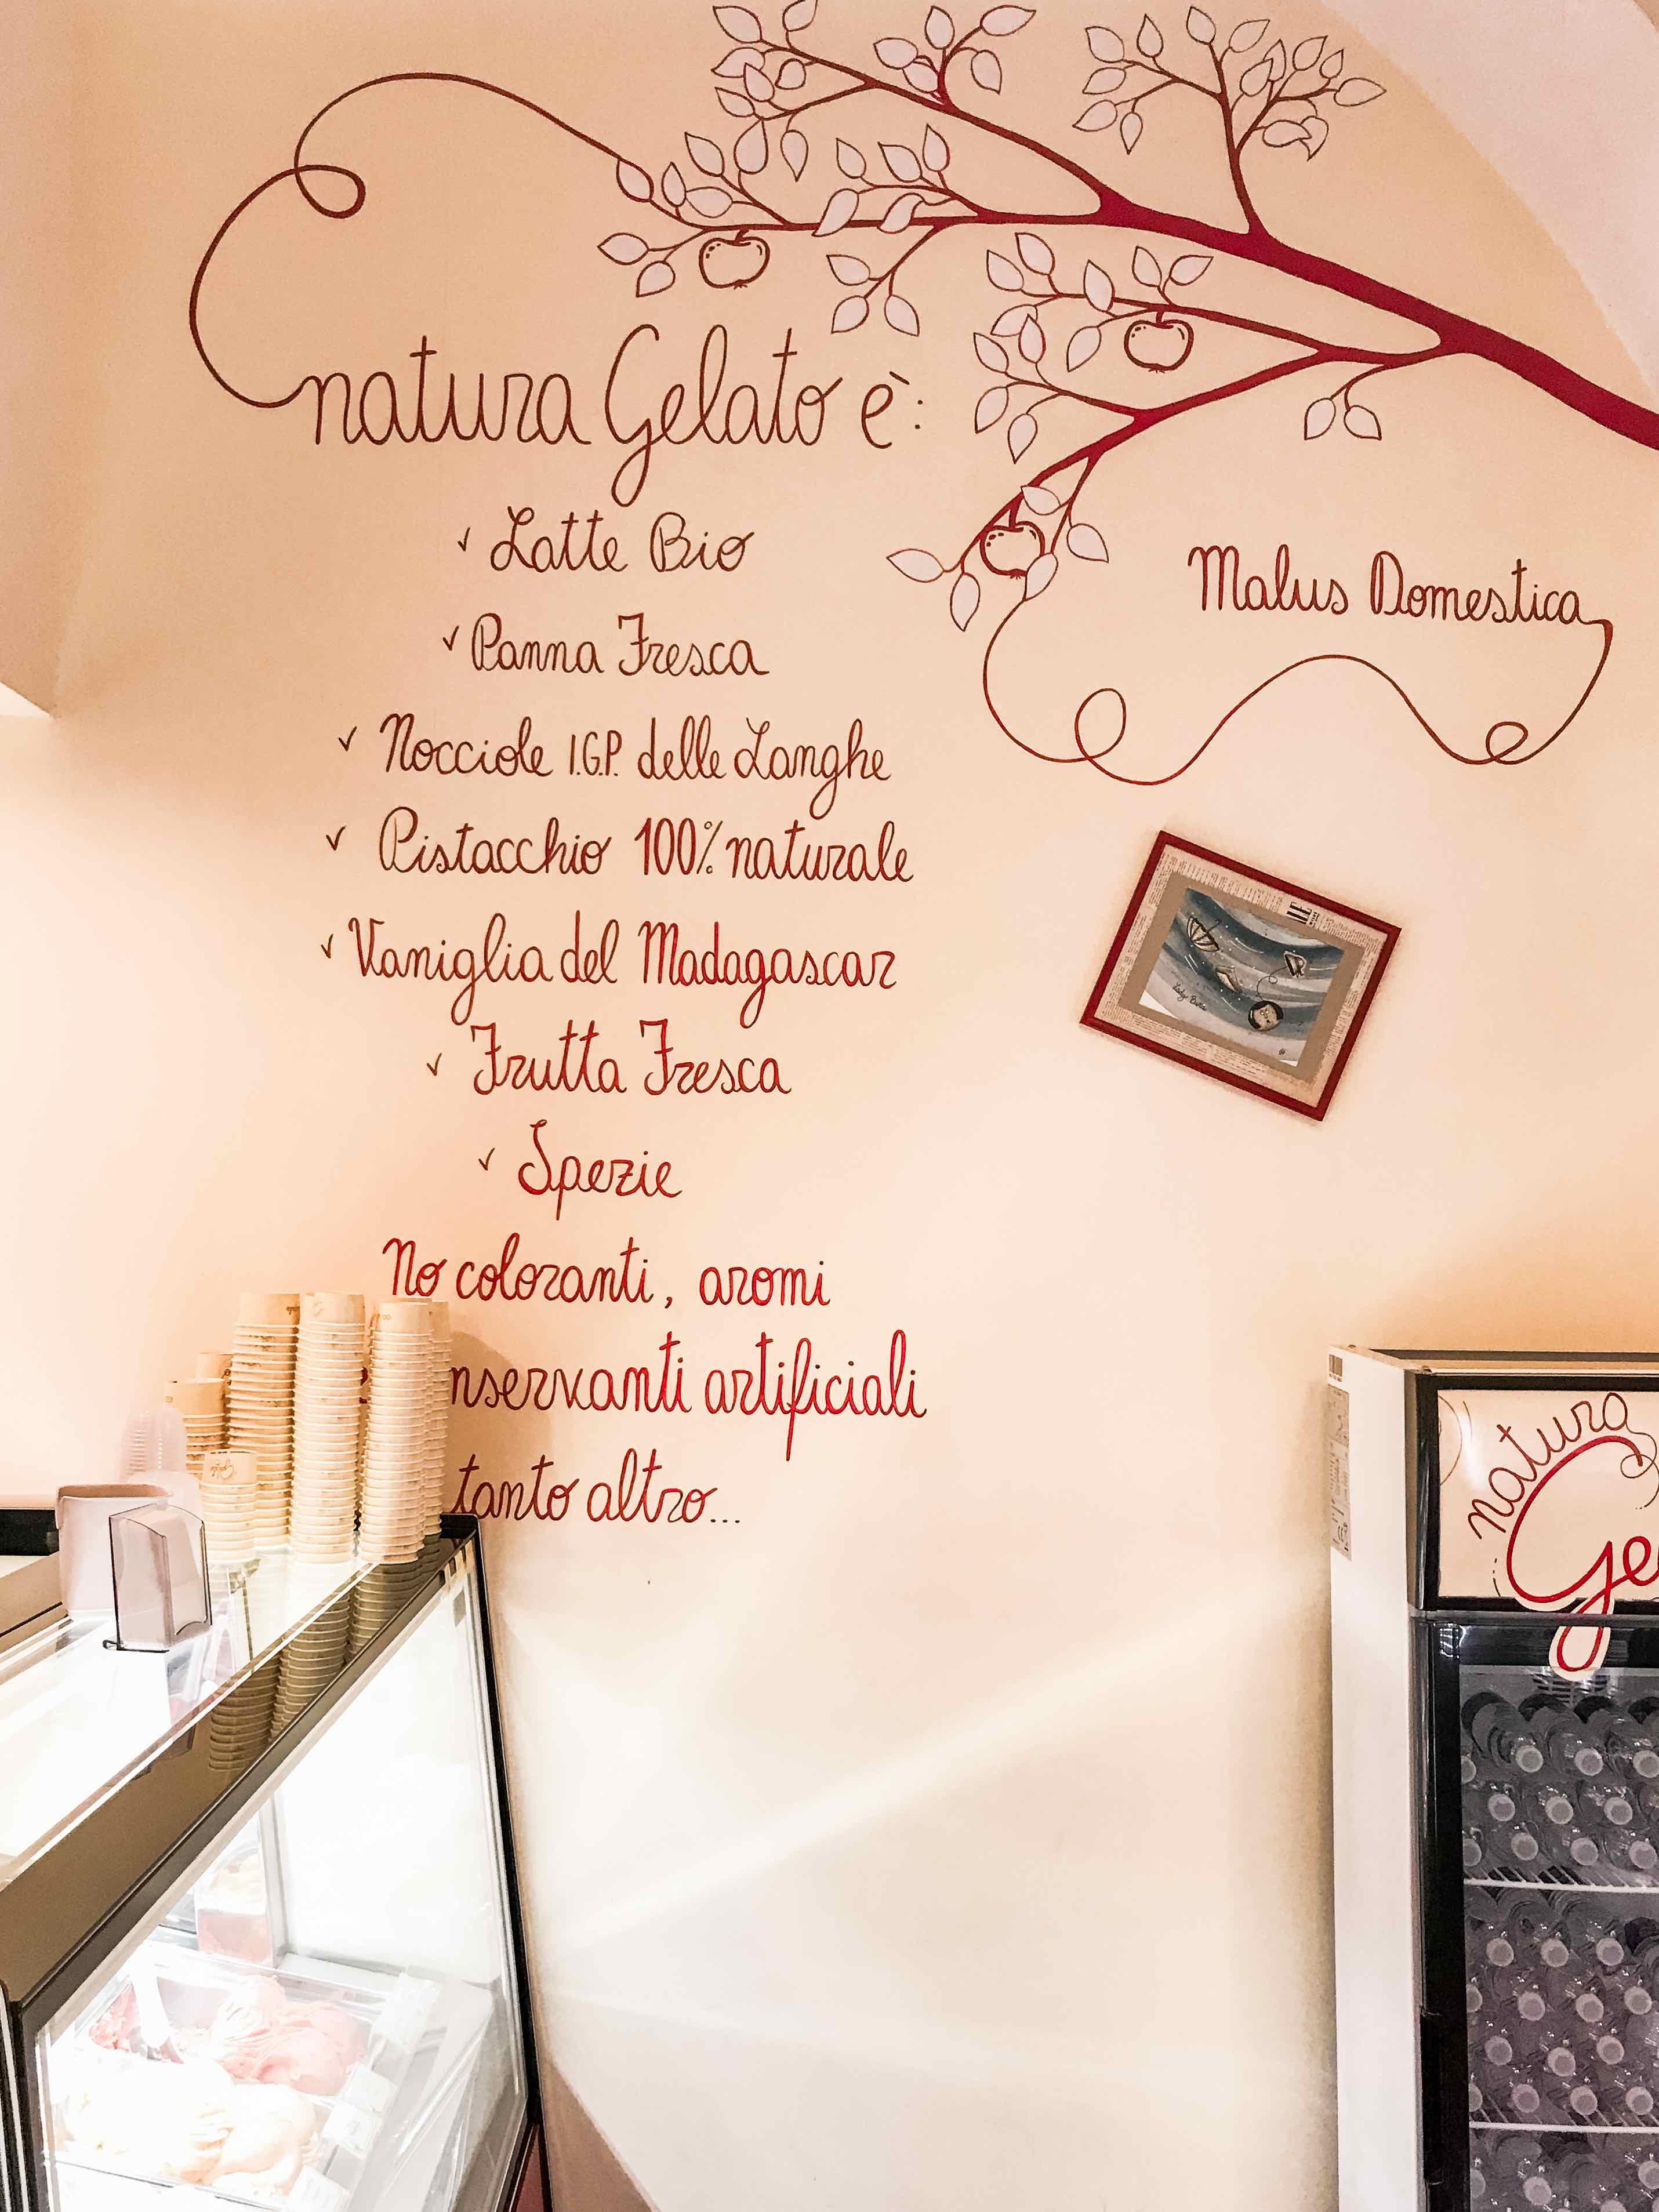 Il gelato naturale di Trieste